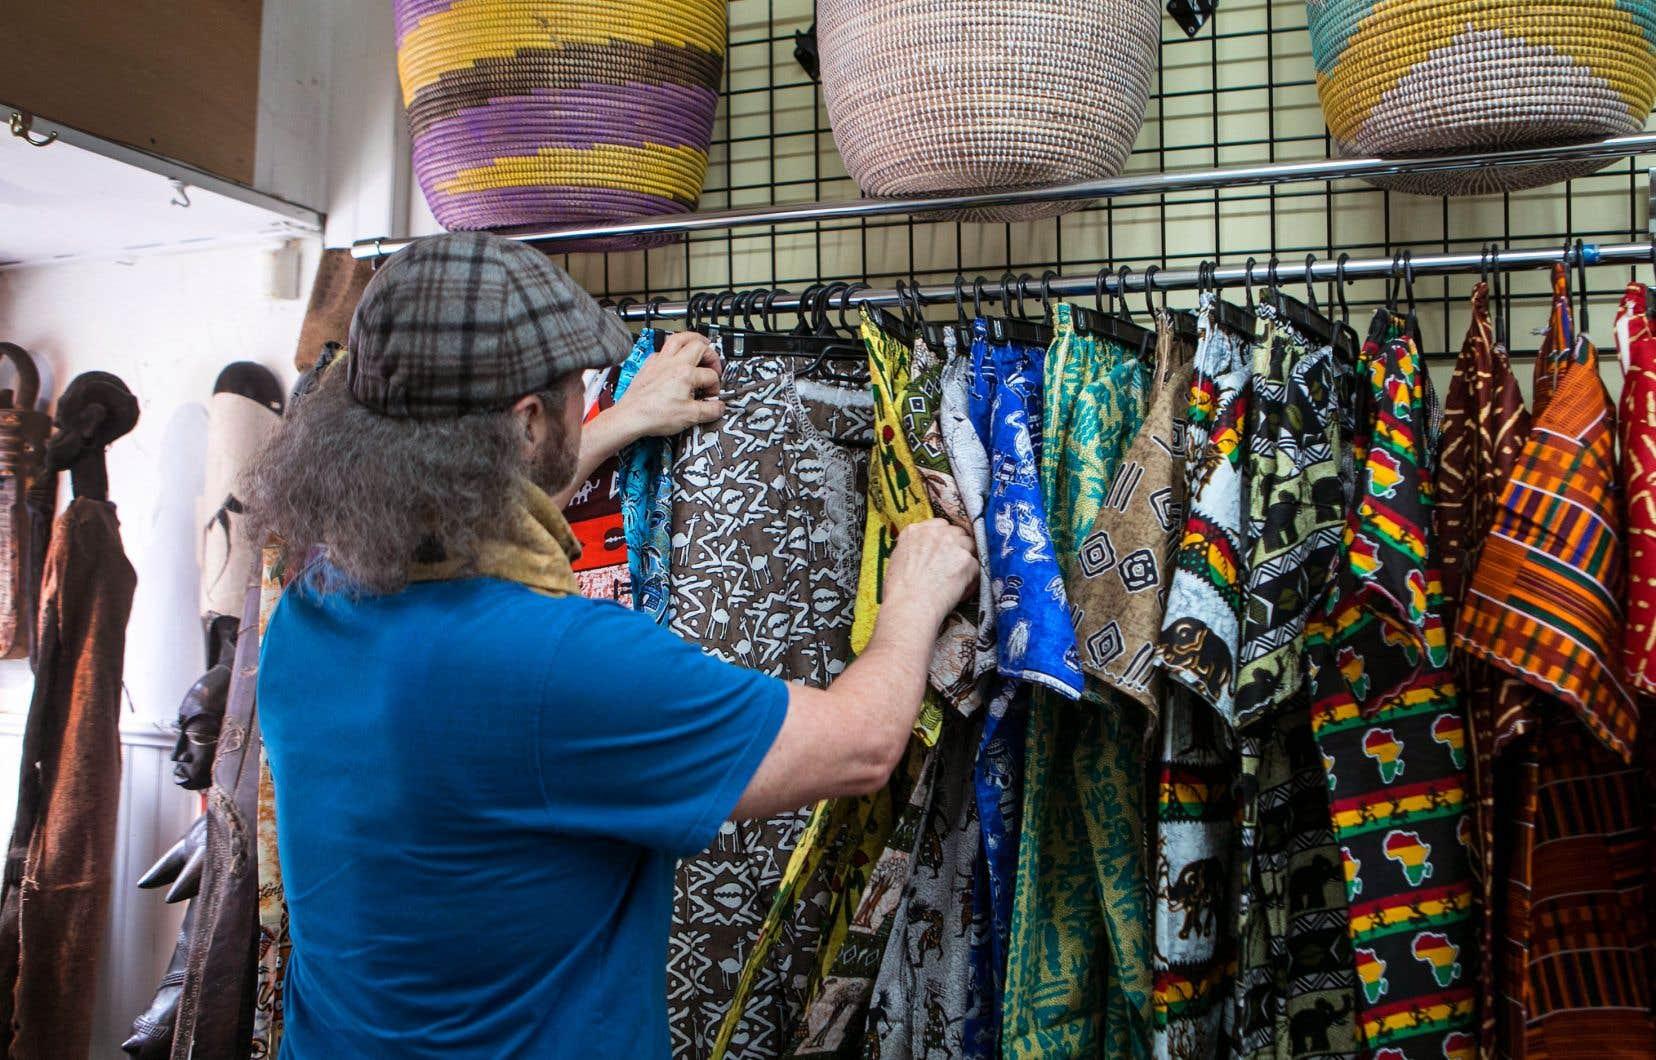 Les créations dérivées du wax et aussi d'autres textiles africains, ici présentés dans une boutique de Montréal, sont de plus en plus prisées en Europe et en Amérique, où les designers comme les grandes surfaces les déclinent en mode contemporaine.